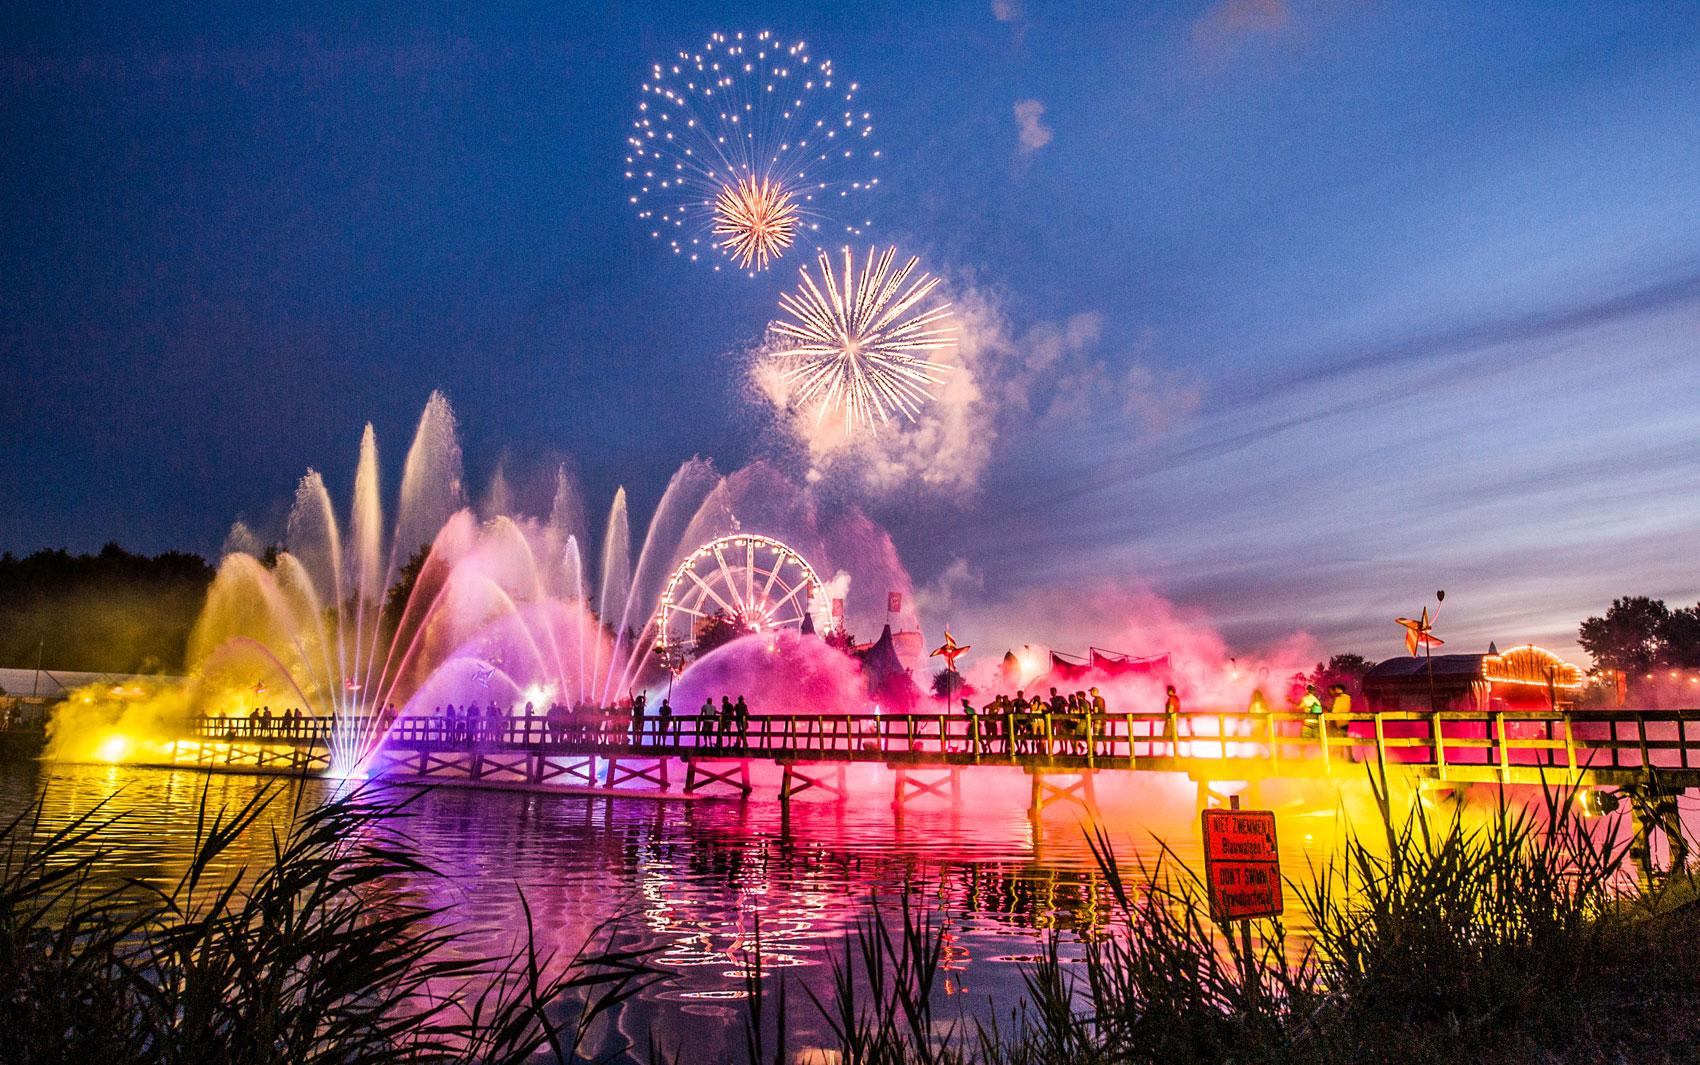 Extremamente FOTOS: Tomorrowland 2013 reúne fãs de música eletrônica - fotos em  PO41